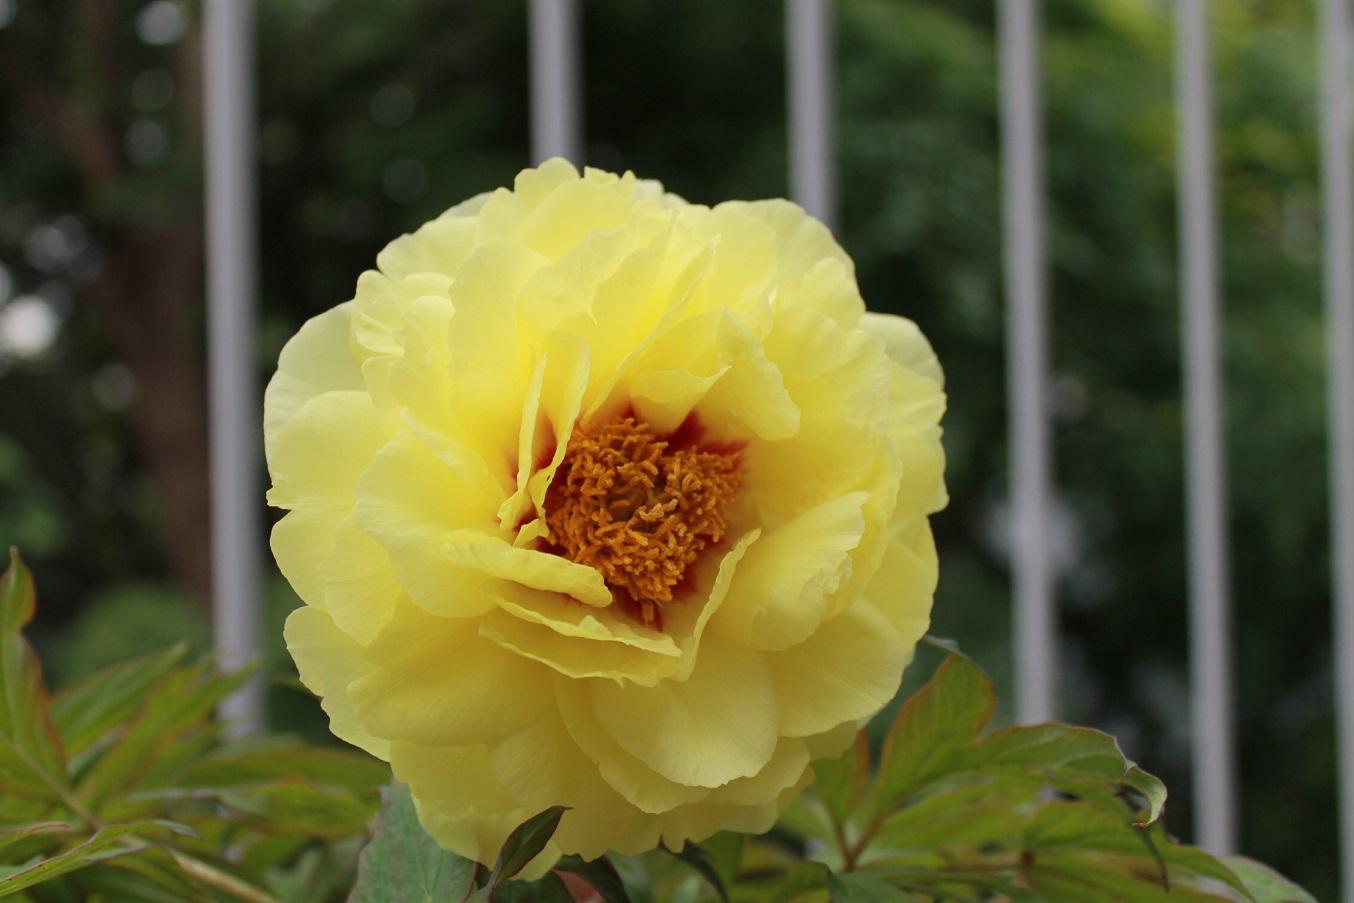 蘭香茶館の黄金牡丹花も満開しました。_f0070743_1412331.jpg